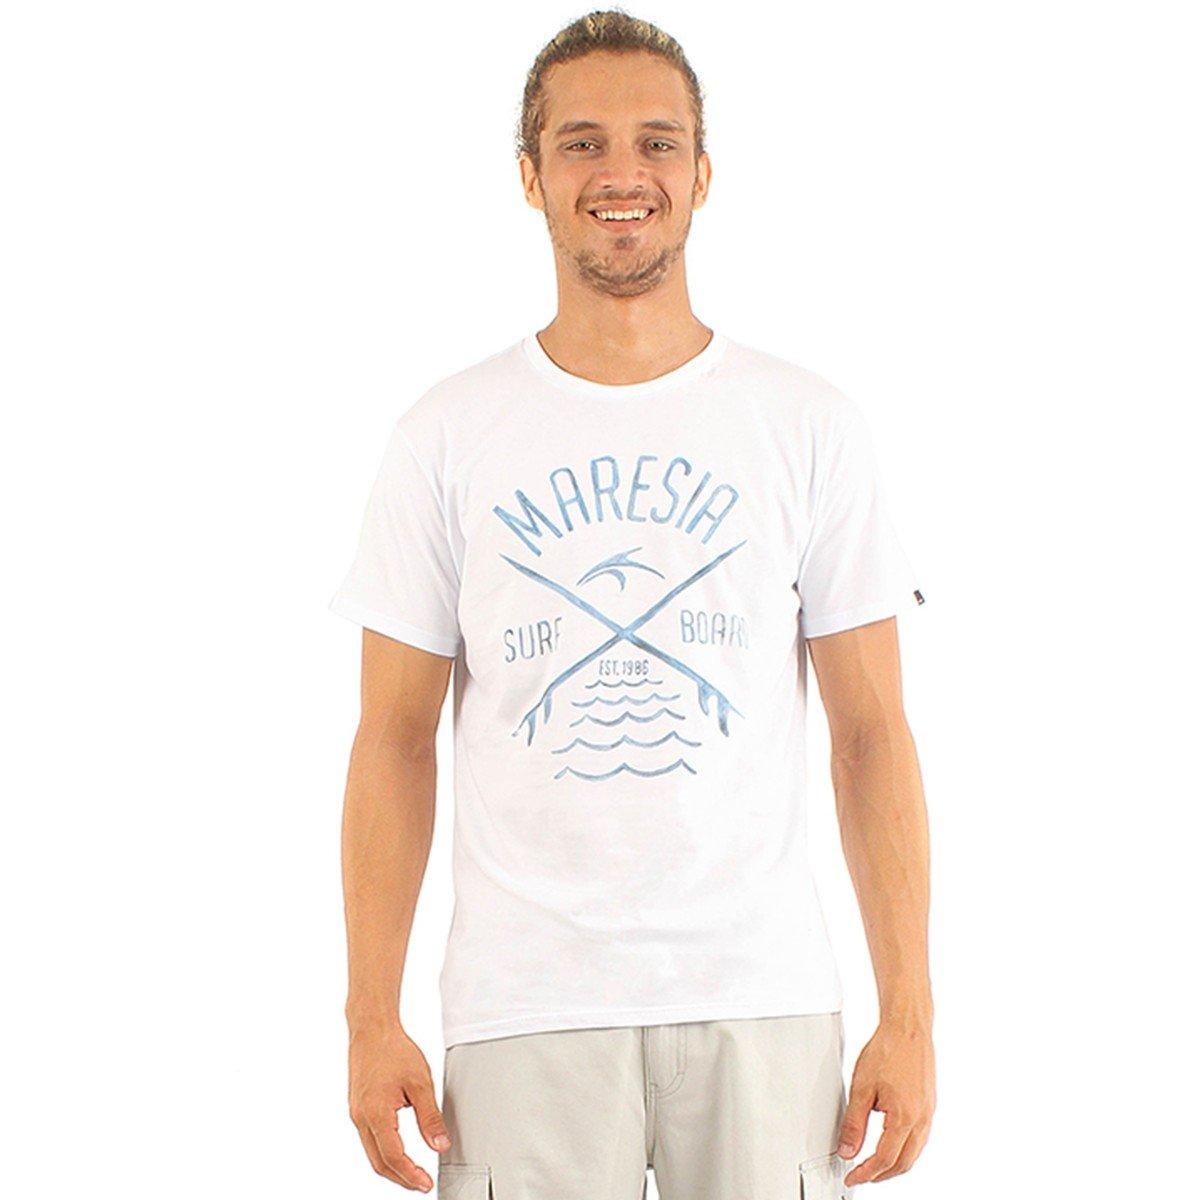 3613542c5f Camiseta Maresia Surf Team - Compre Agora